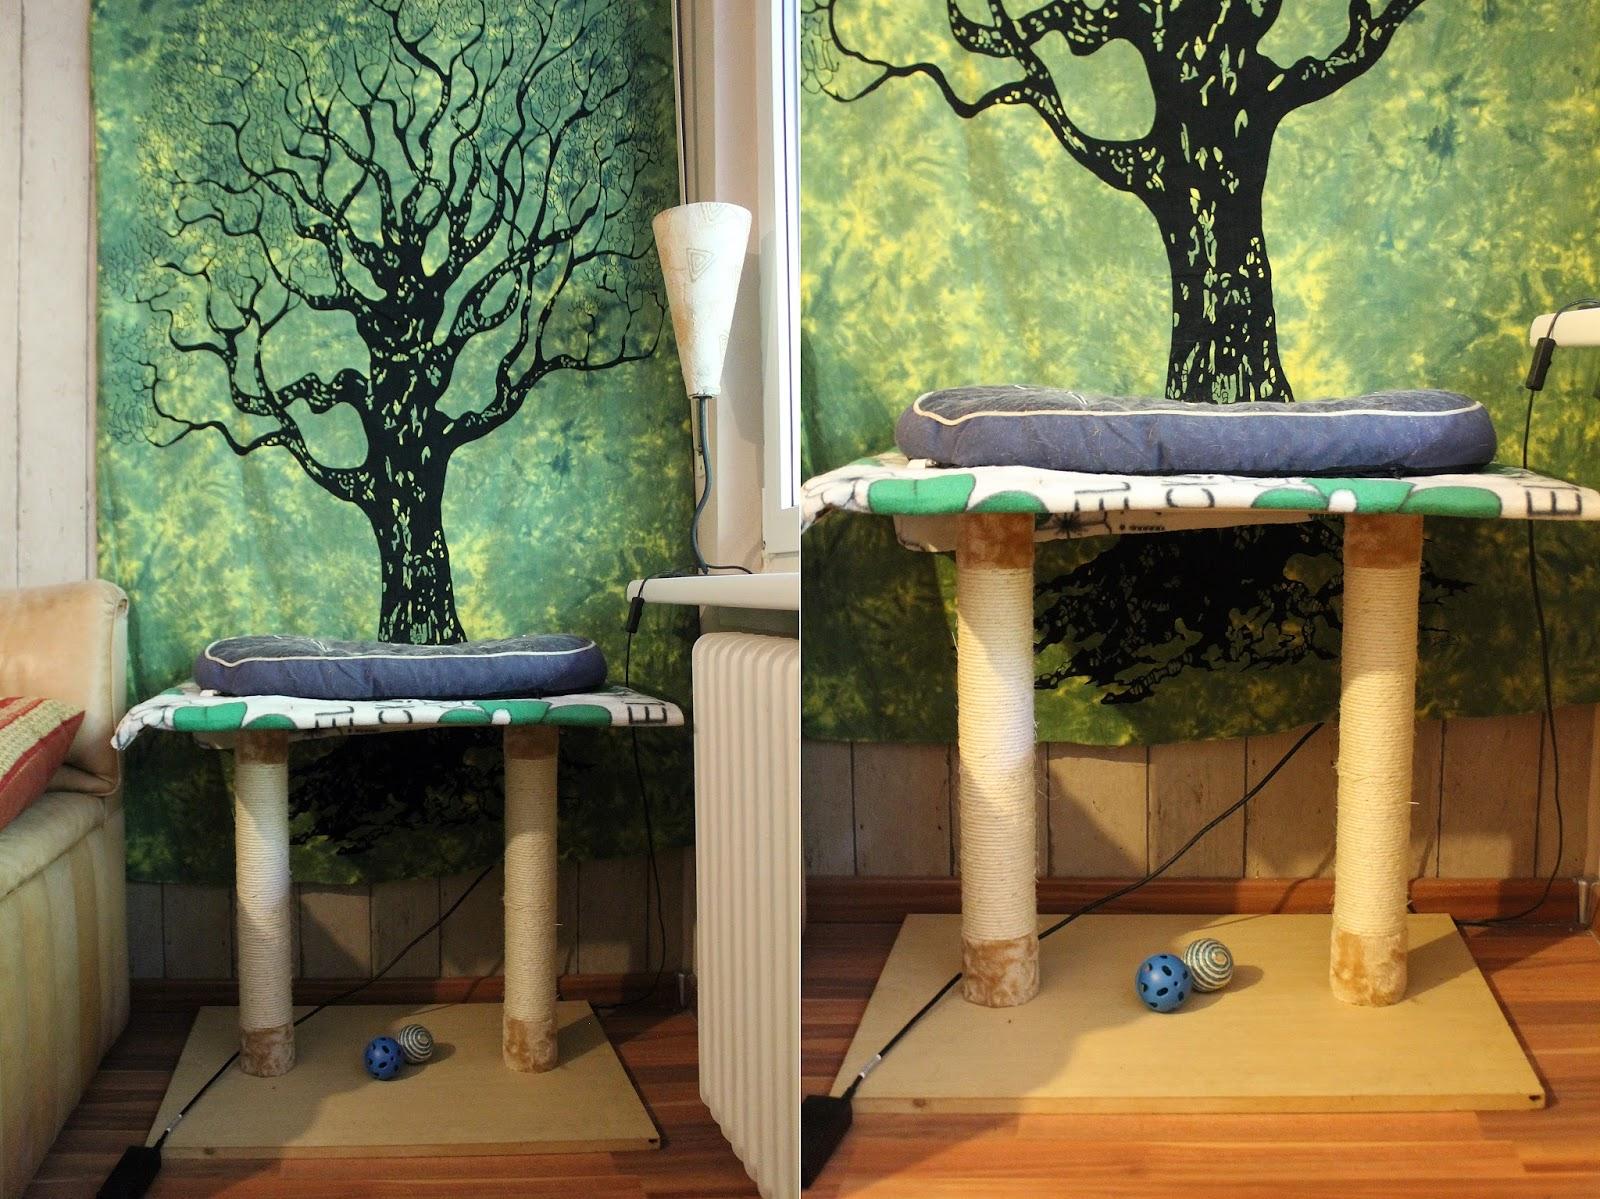 nimsaj katzenhaltung f r anf nger meine tipps erfahrung. Black Bedroom Furniture Sets. Home Design Ideas